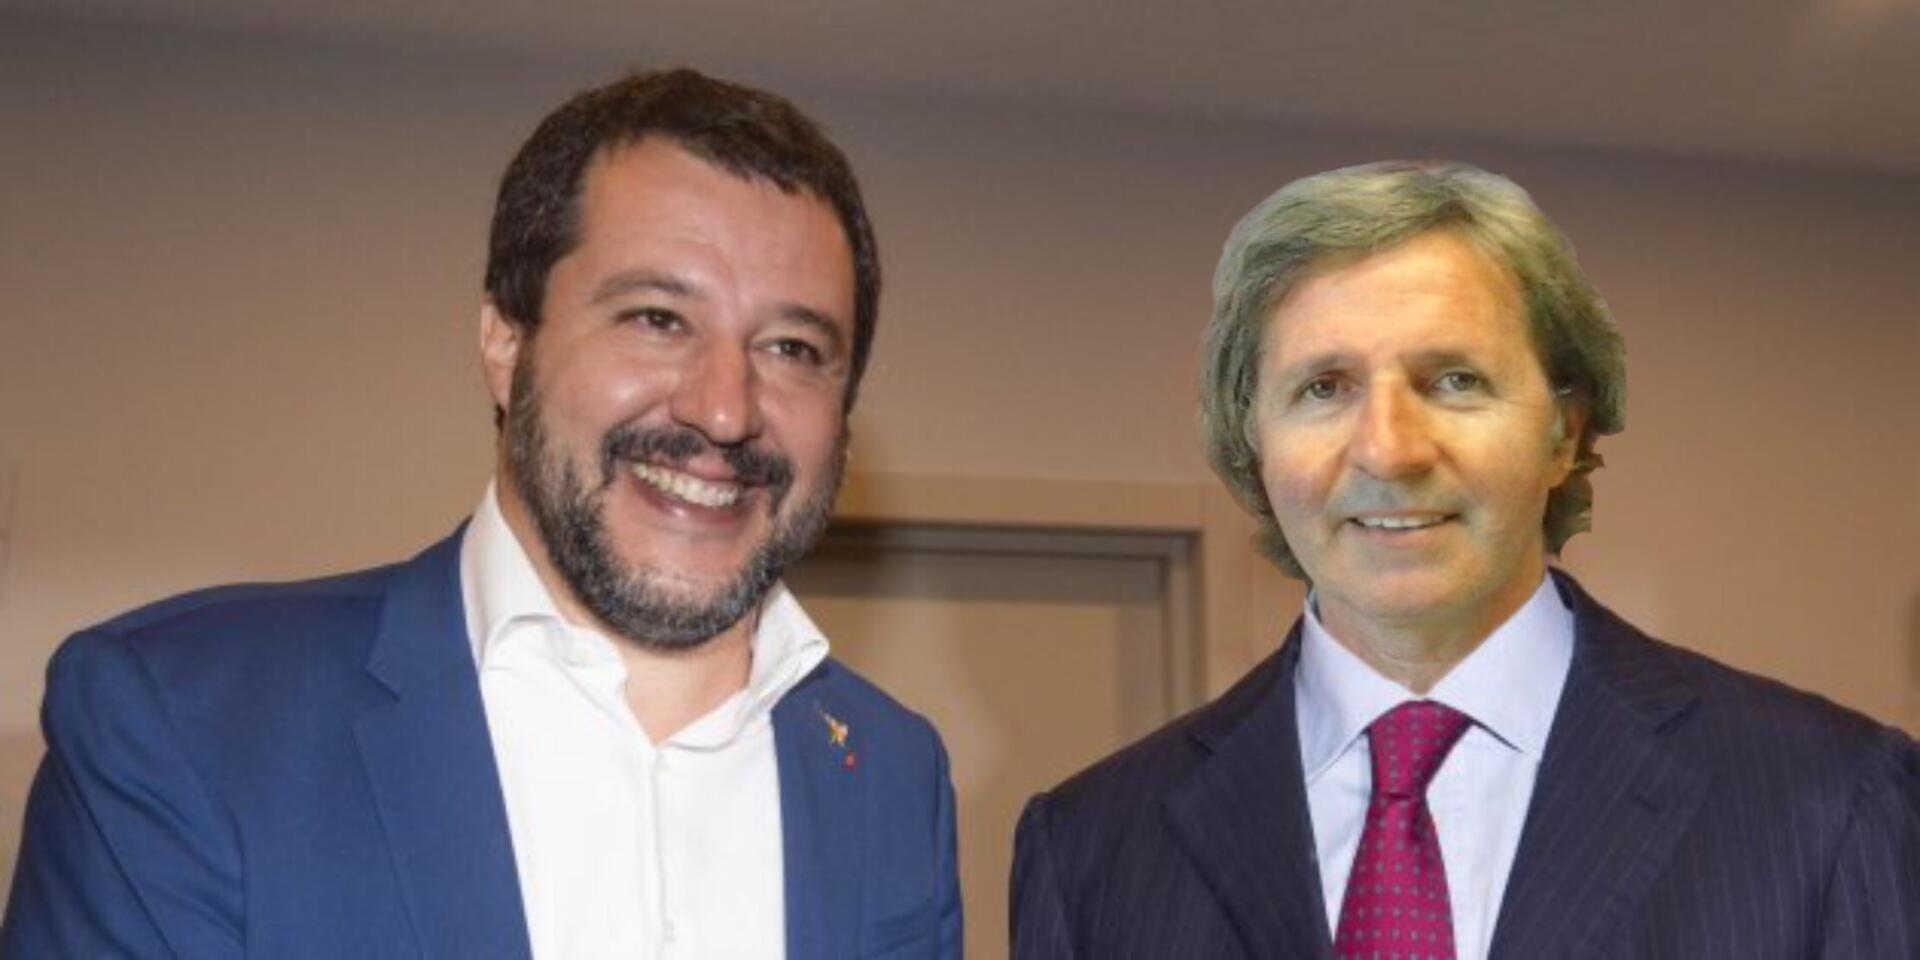 Clamoroso: Matteo Salvini a Caulonia! Cagliuso candidato alle europee con la Lega